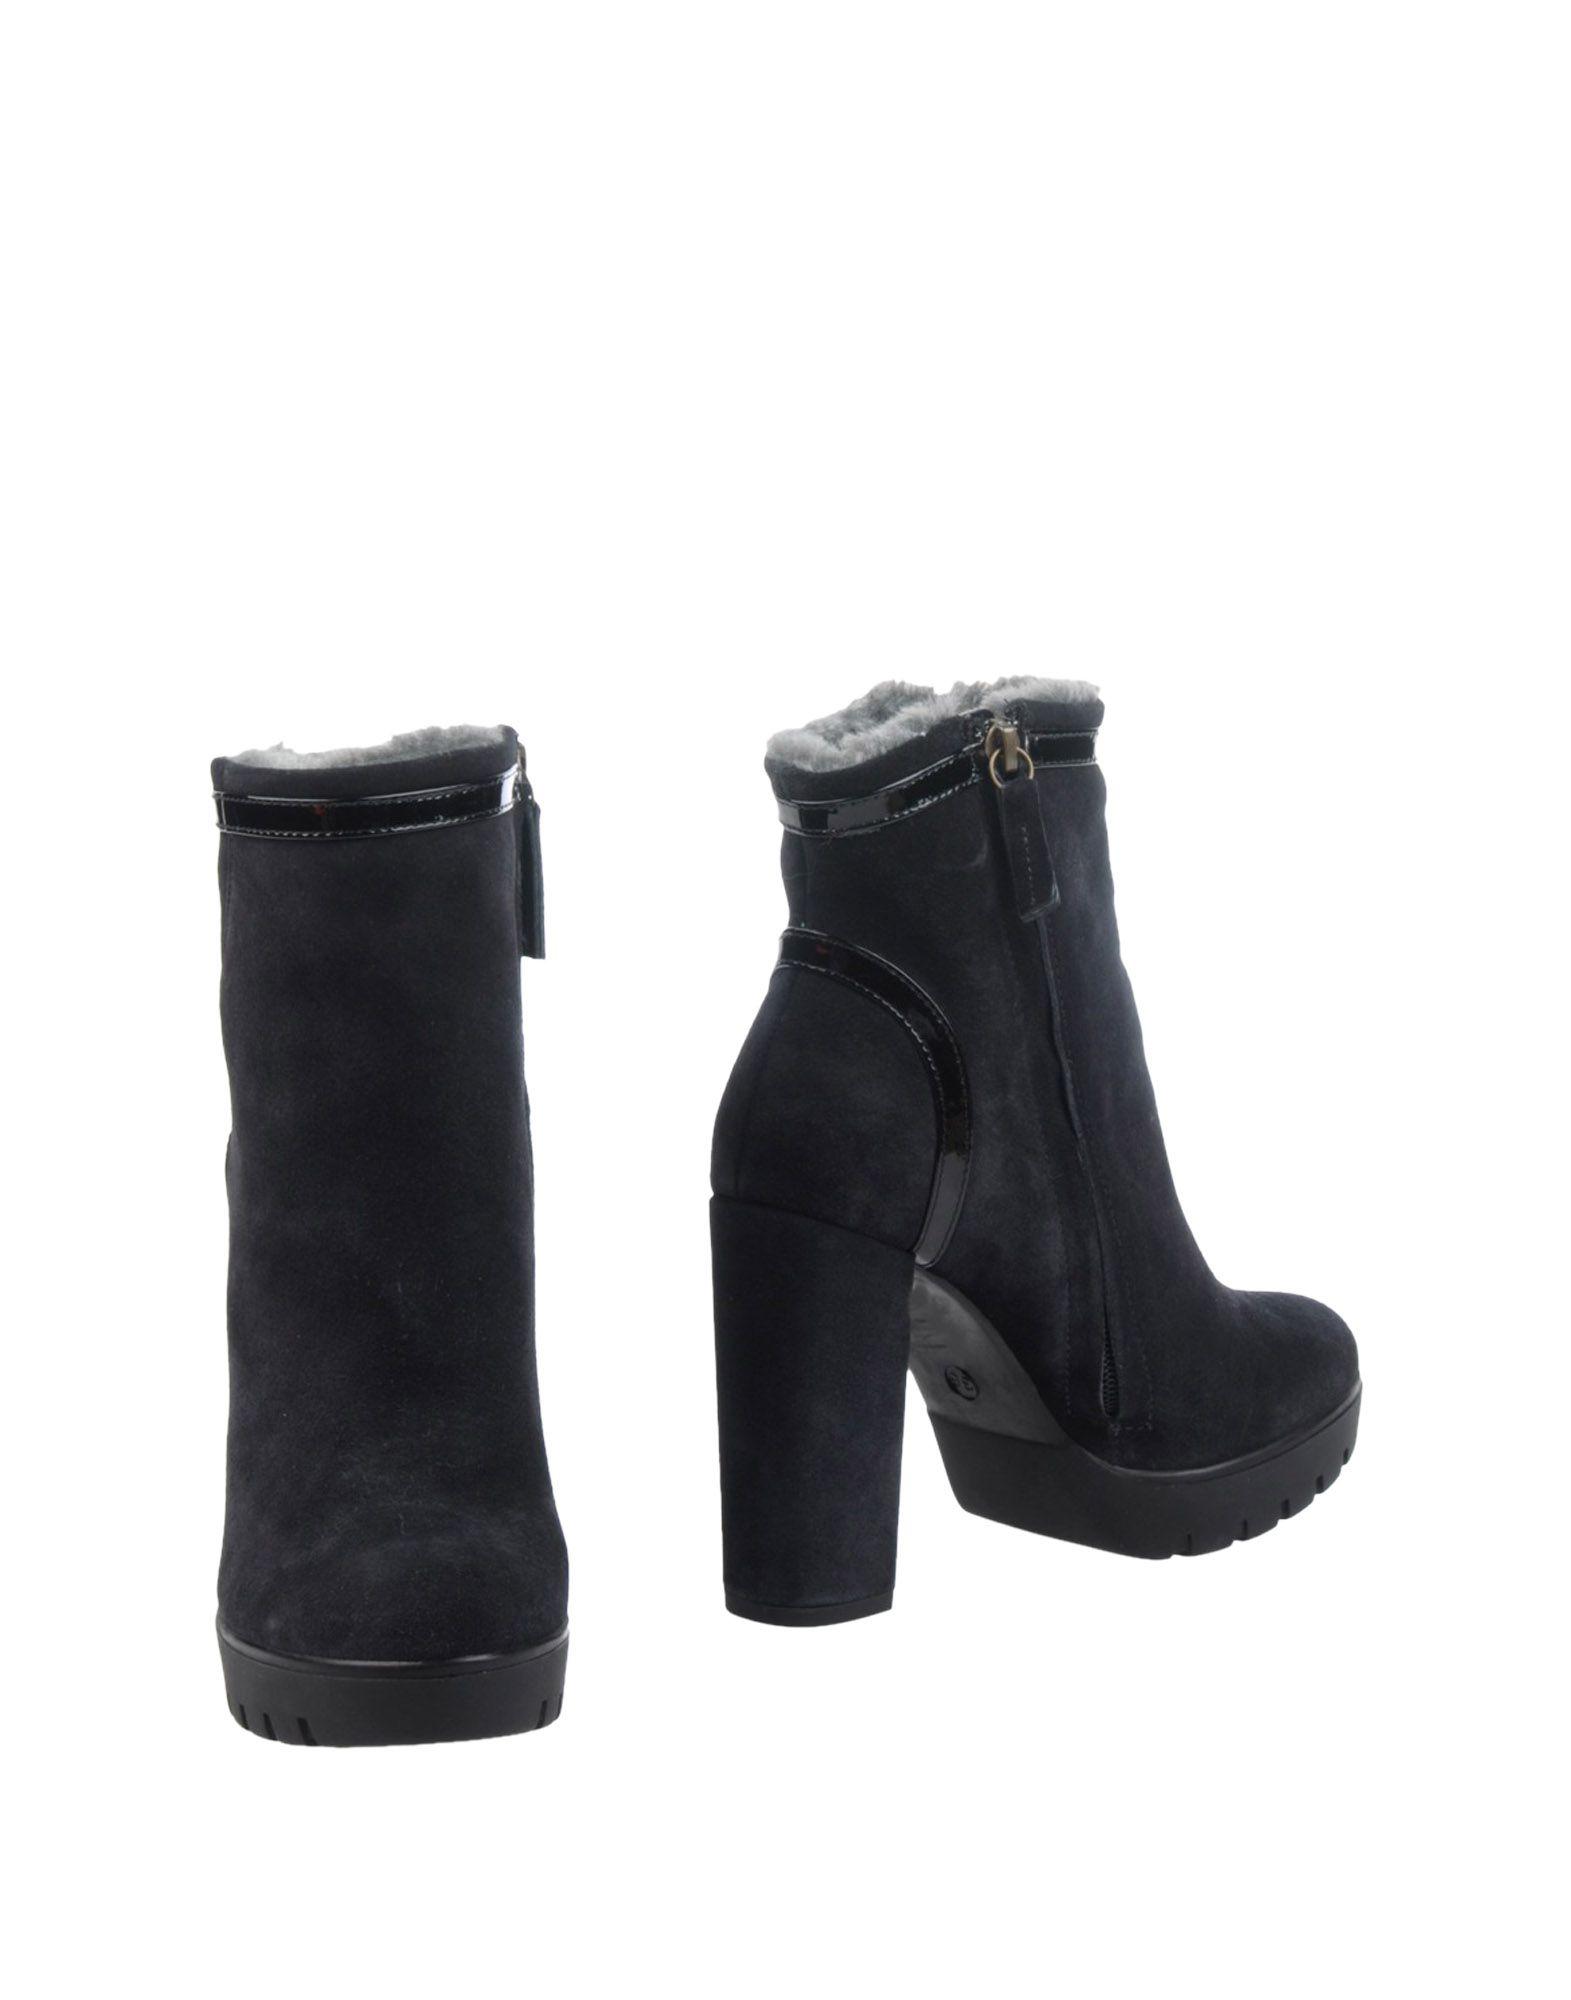 Jj Heitor Stiefelette Damen  11277277VL Gute Qualität beliebte Schuhe